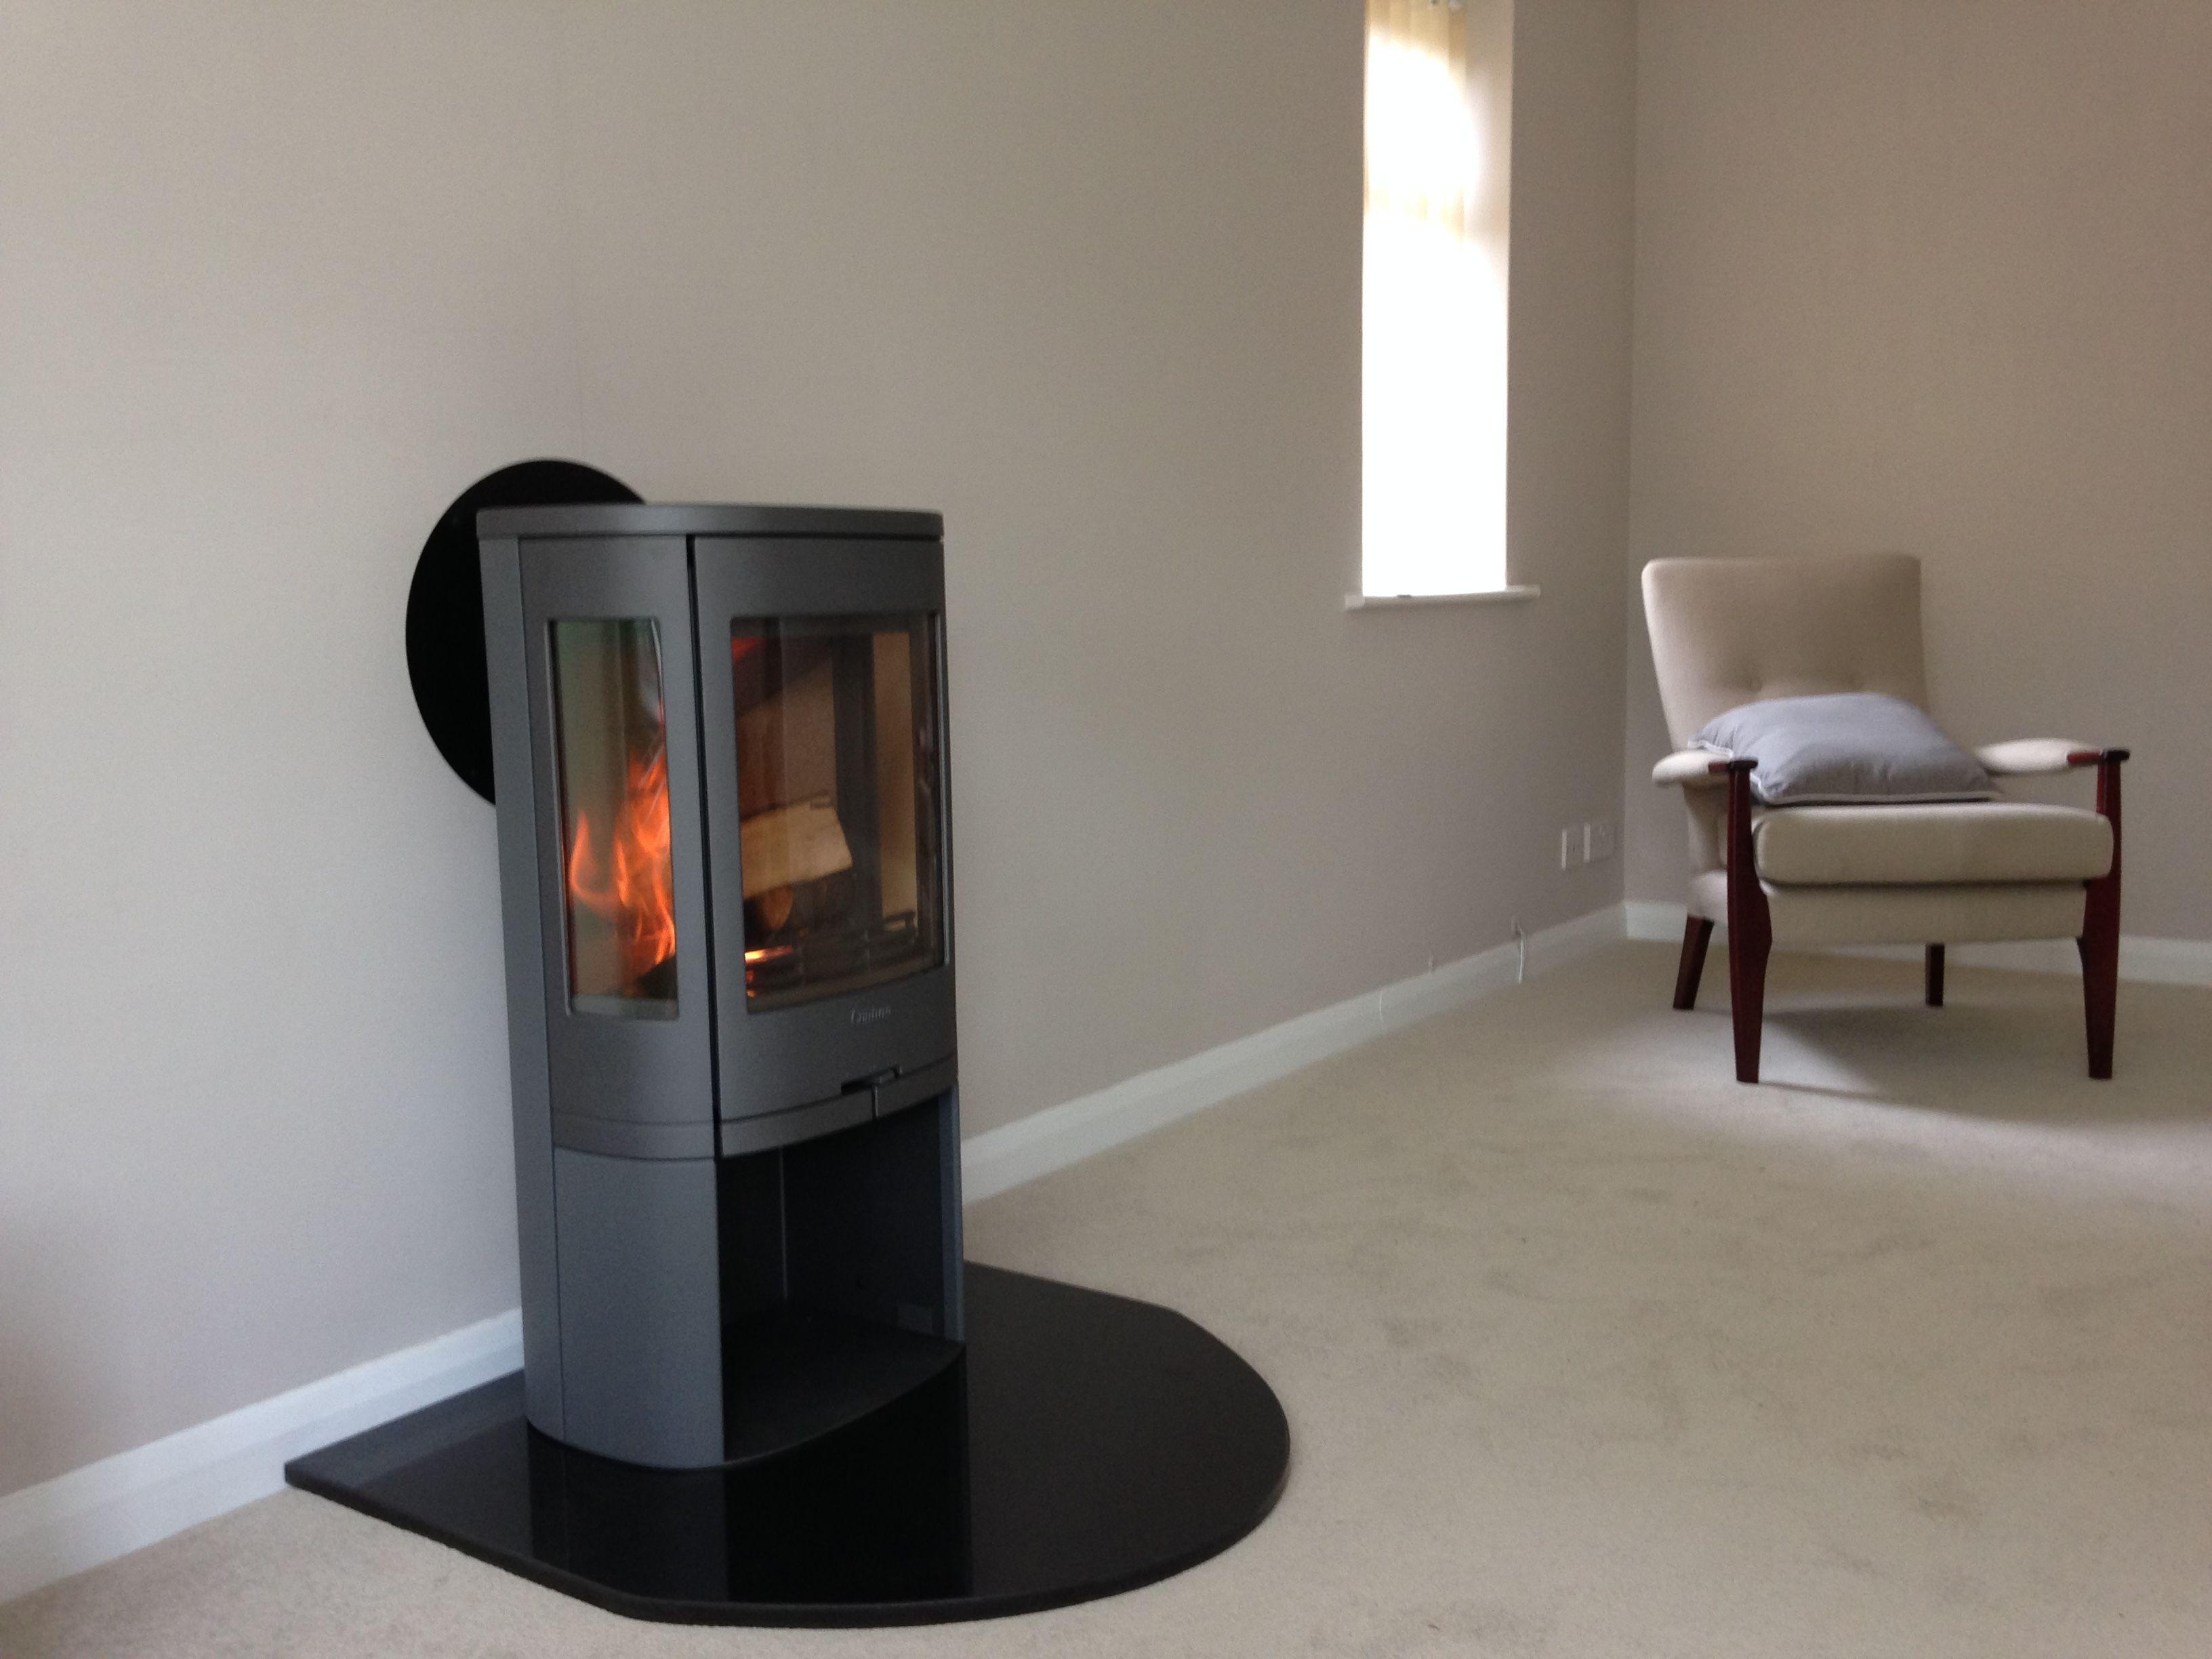 a contura stove on a black granite hearth installations. Black Bedroom Furniture Sets. Home Design Ideas